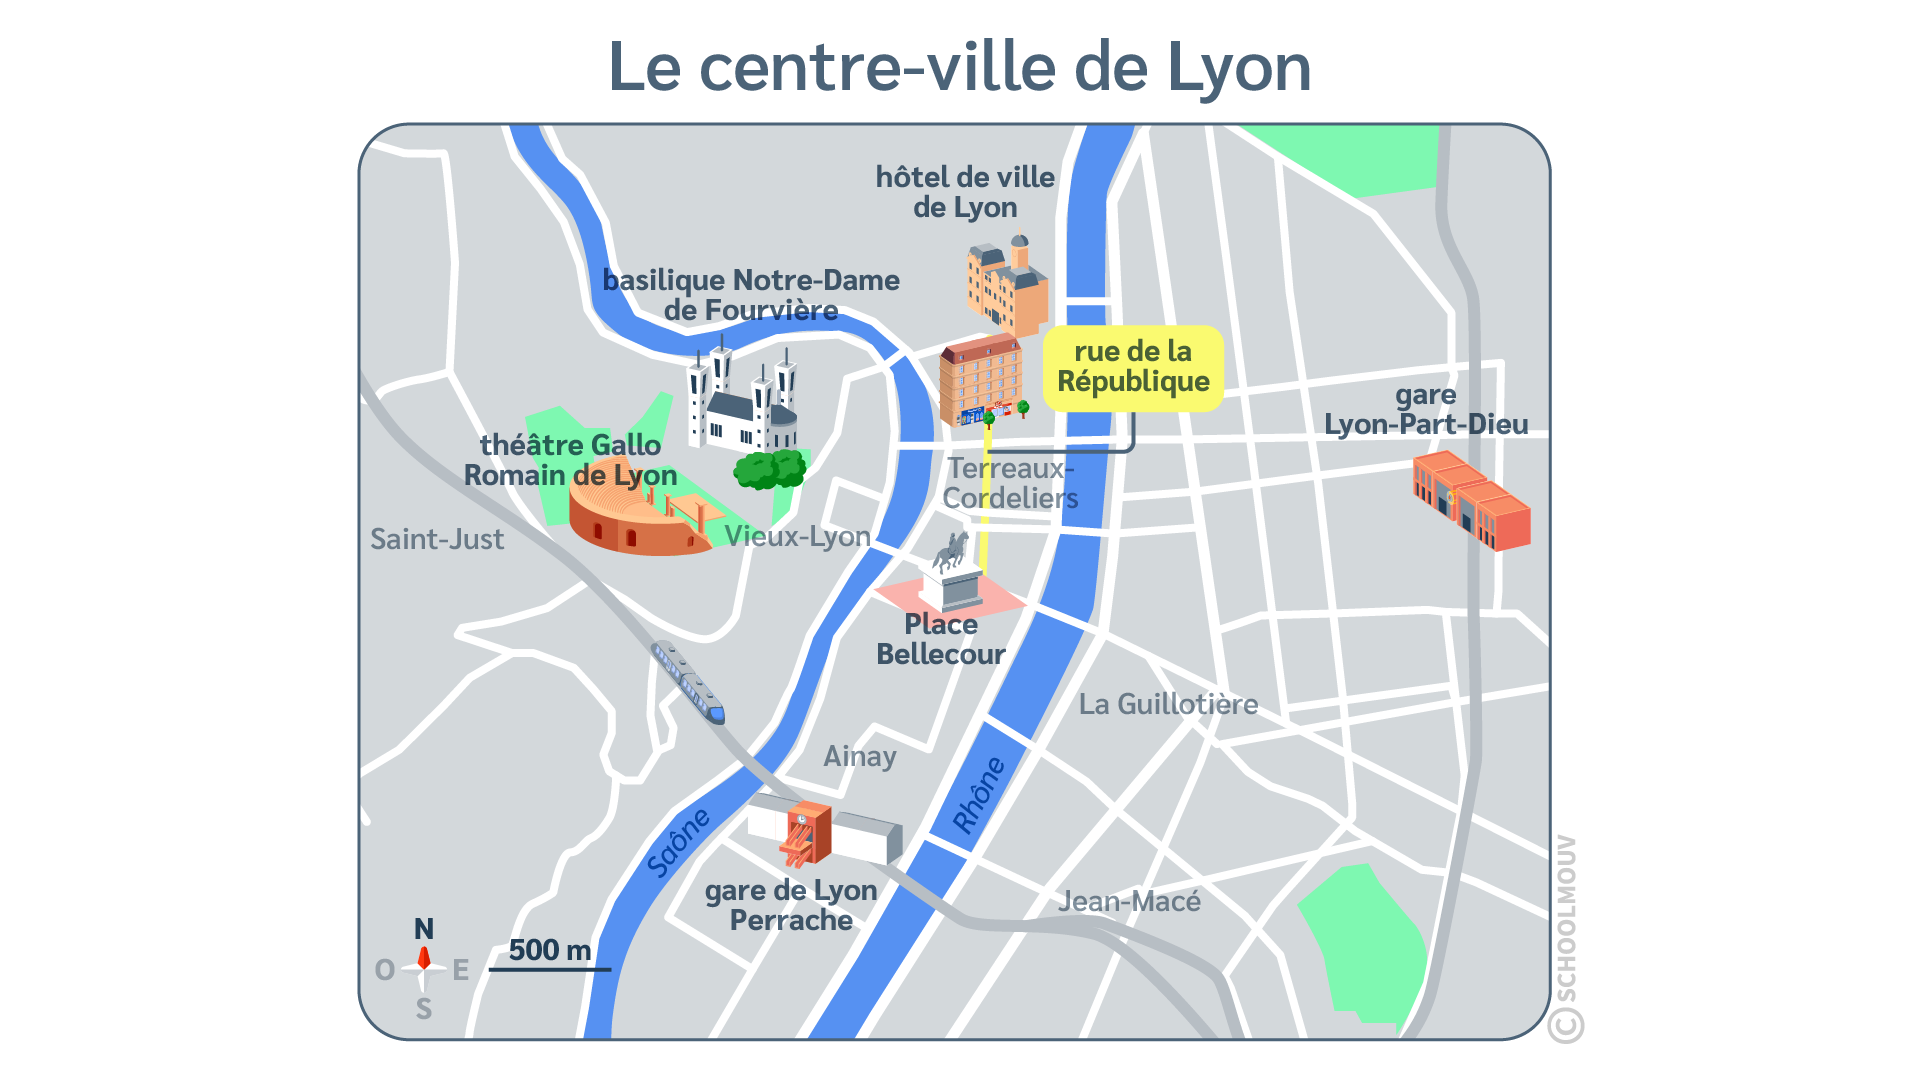 questionner le monde histoire ce2 un espace organisé la ville plan Lyon